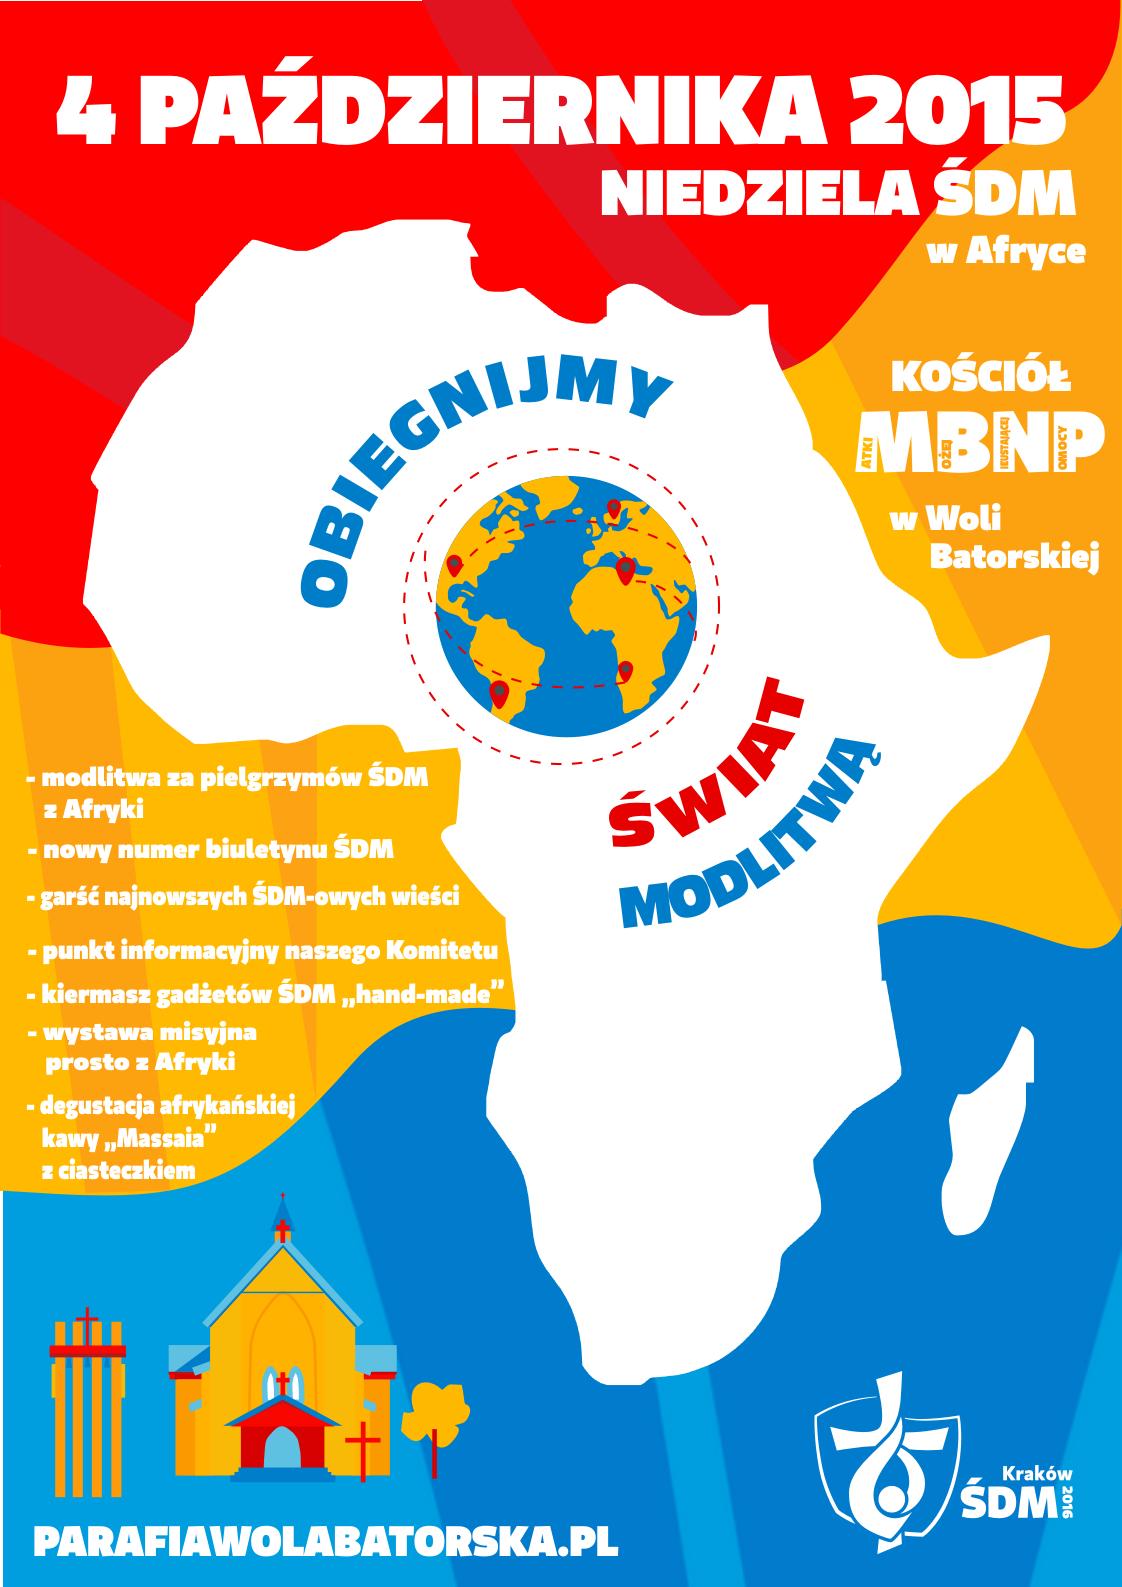 modlitwa za Afrykę - 2015.10.04 - plakat